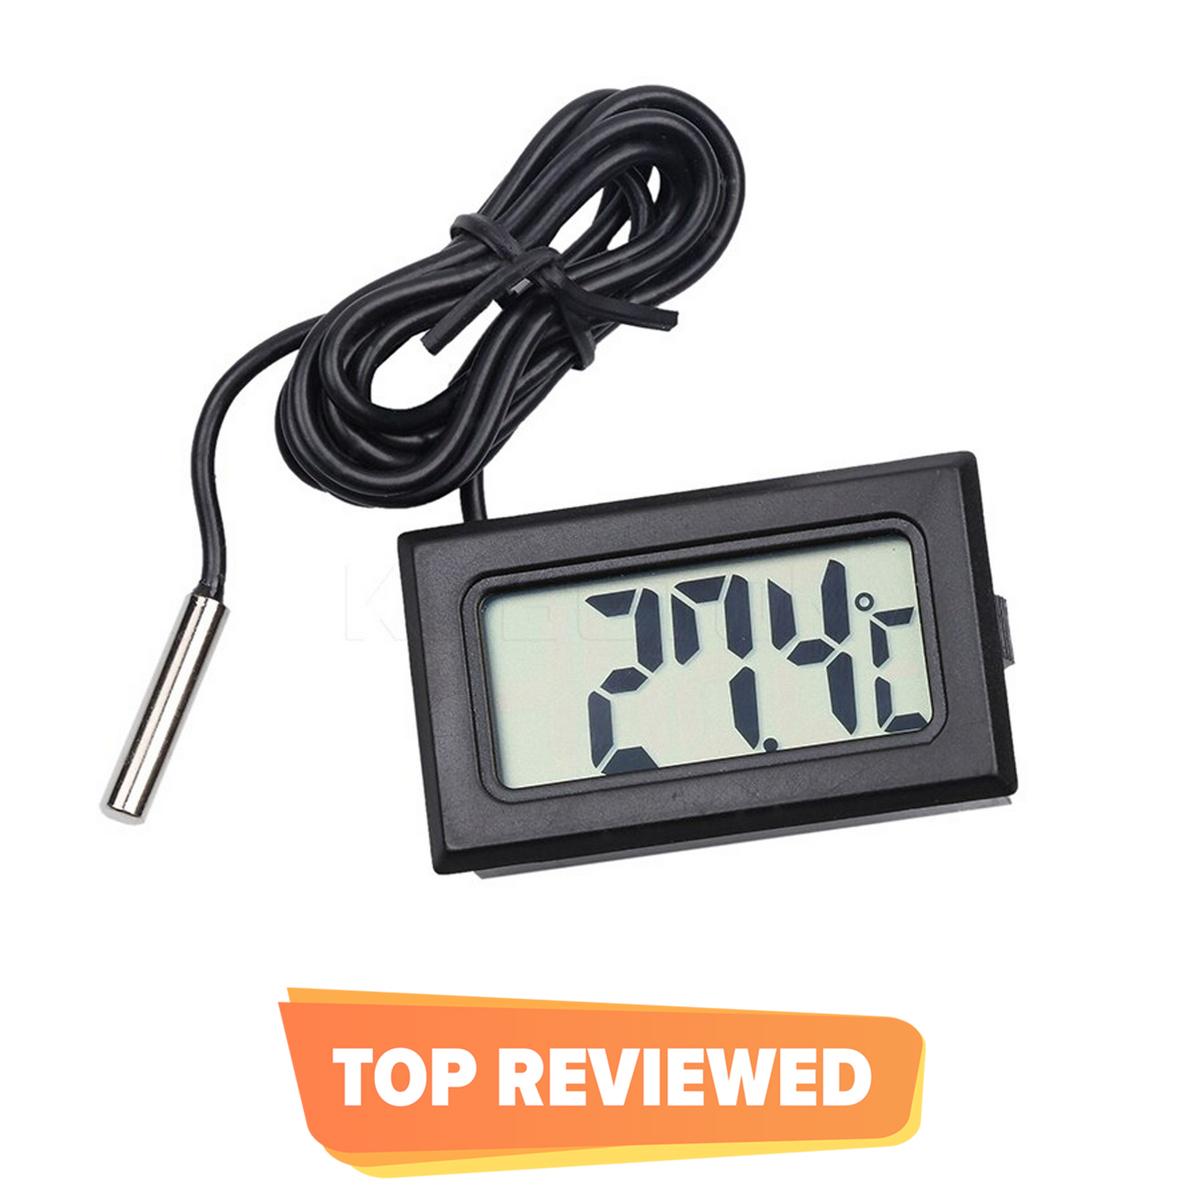 TPM10 Mini LCD Digital Instant Read Thermometer Mini Room Temperature Meter Real Time Aquarium Fish Tank Temperature Meter With Waterproof Sensor In Black Color